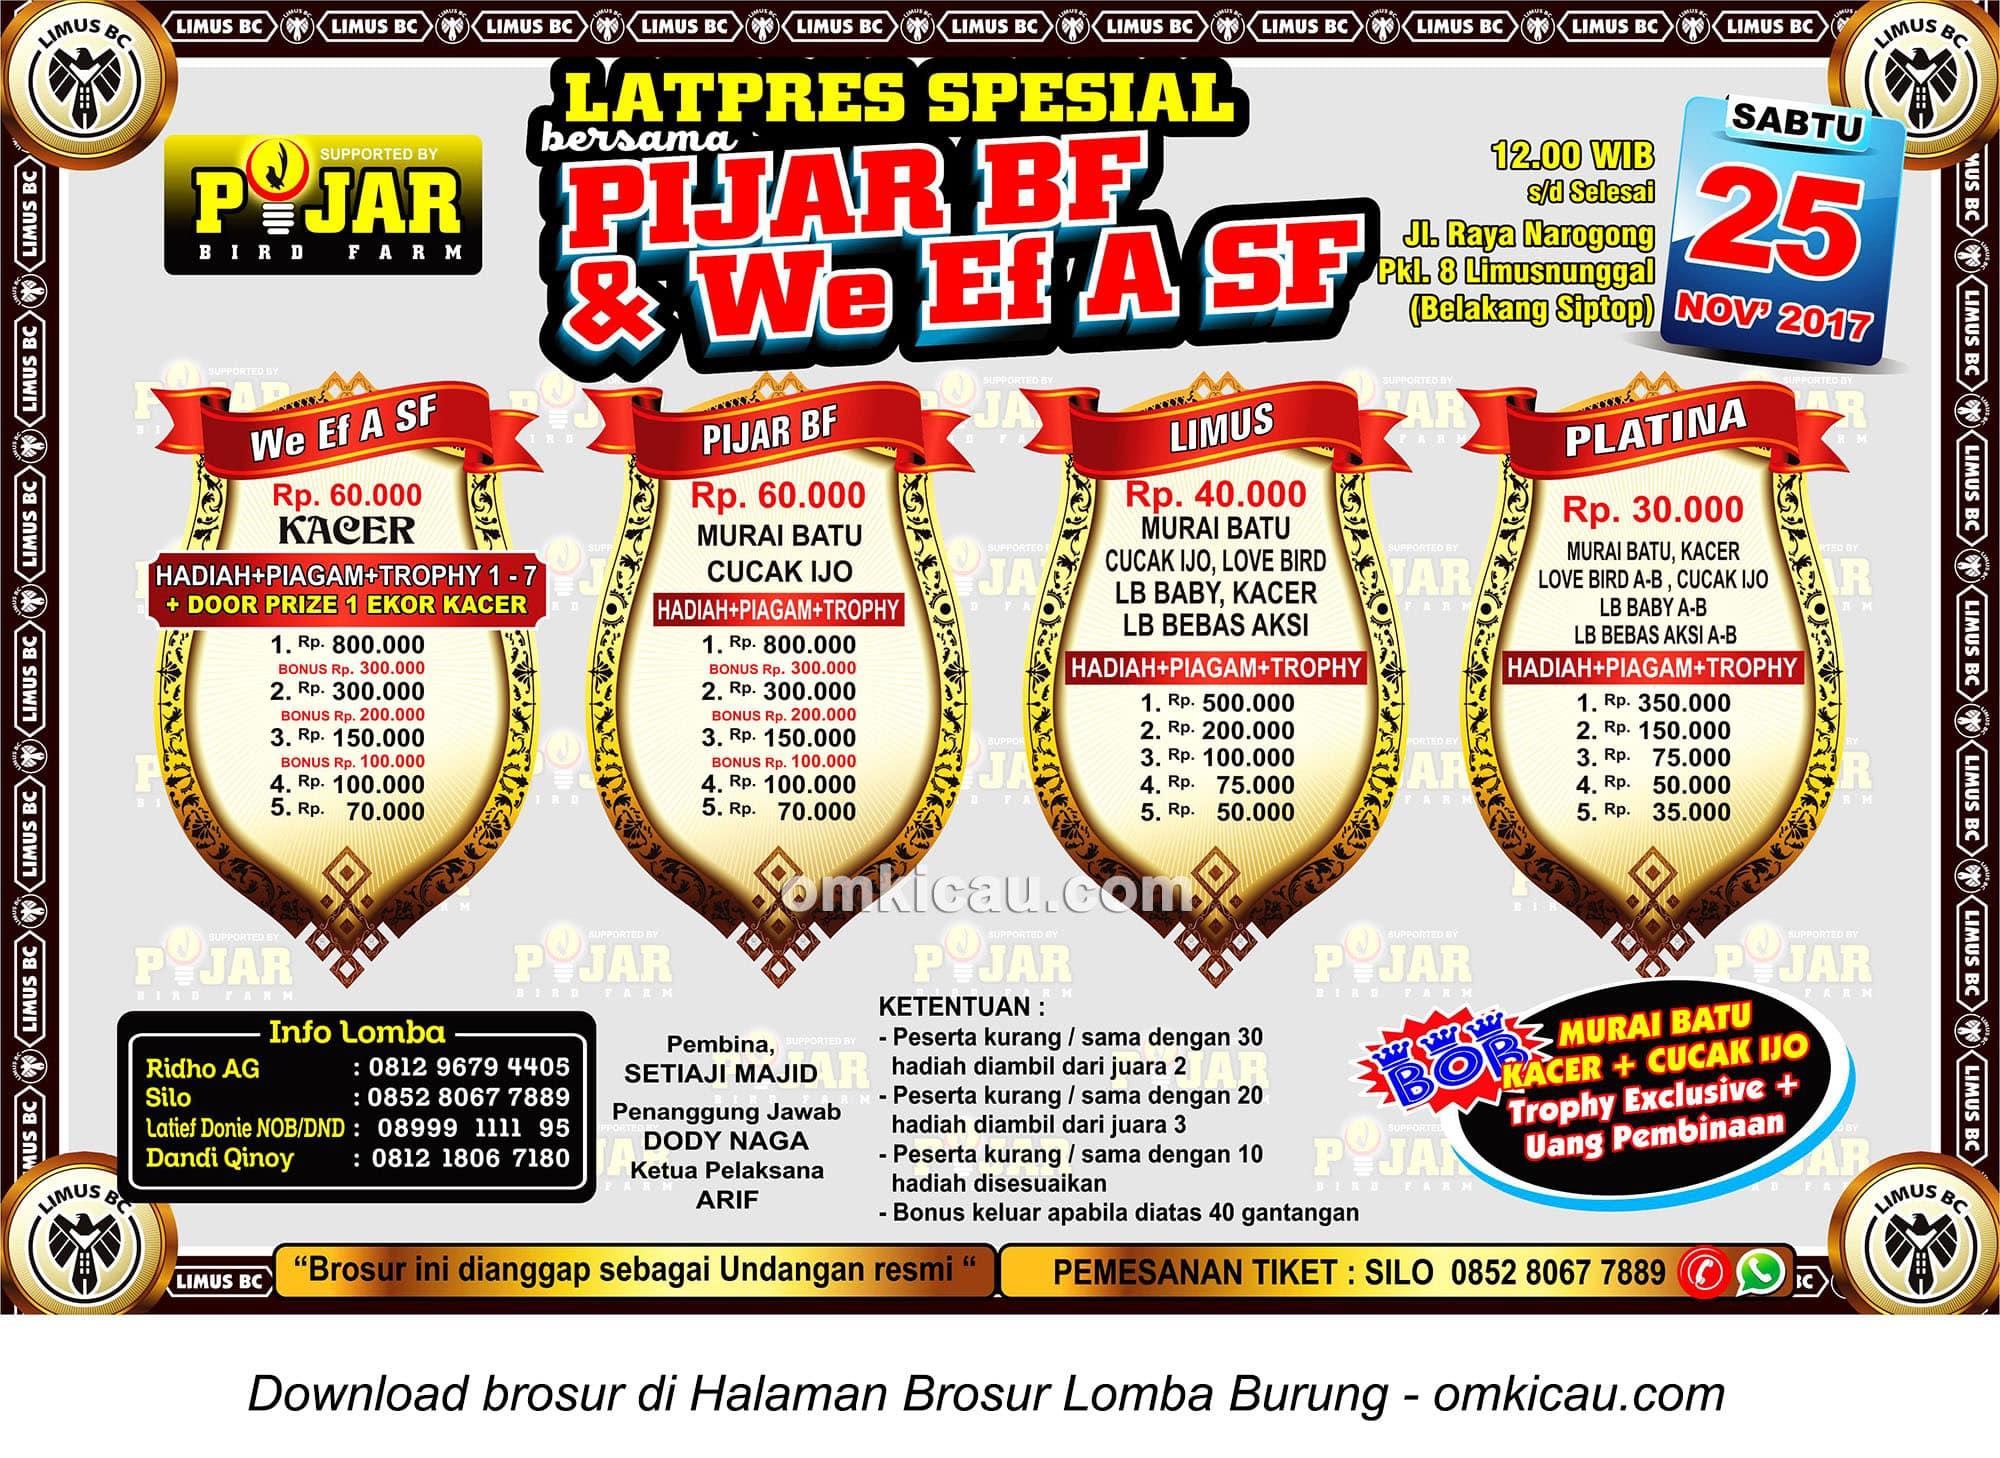 Latpres Spesial Limus BC bersama Pijar BF dan We Ef A SF